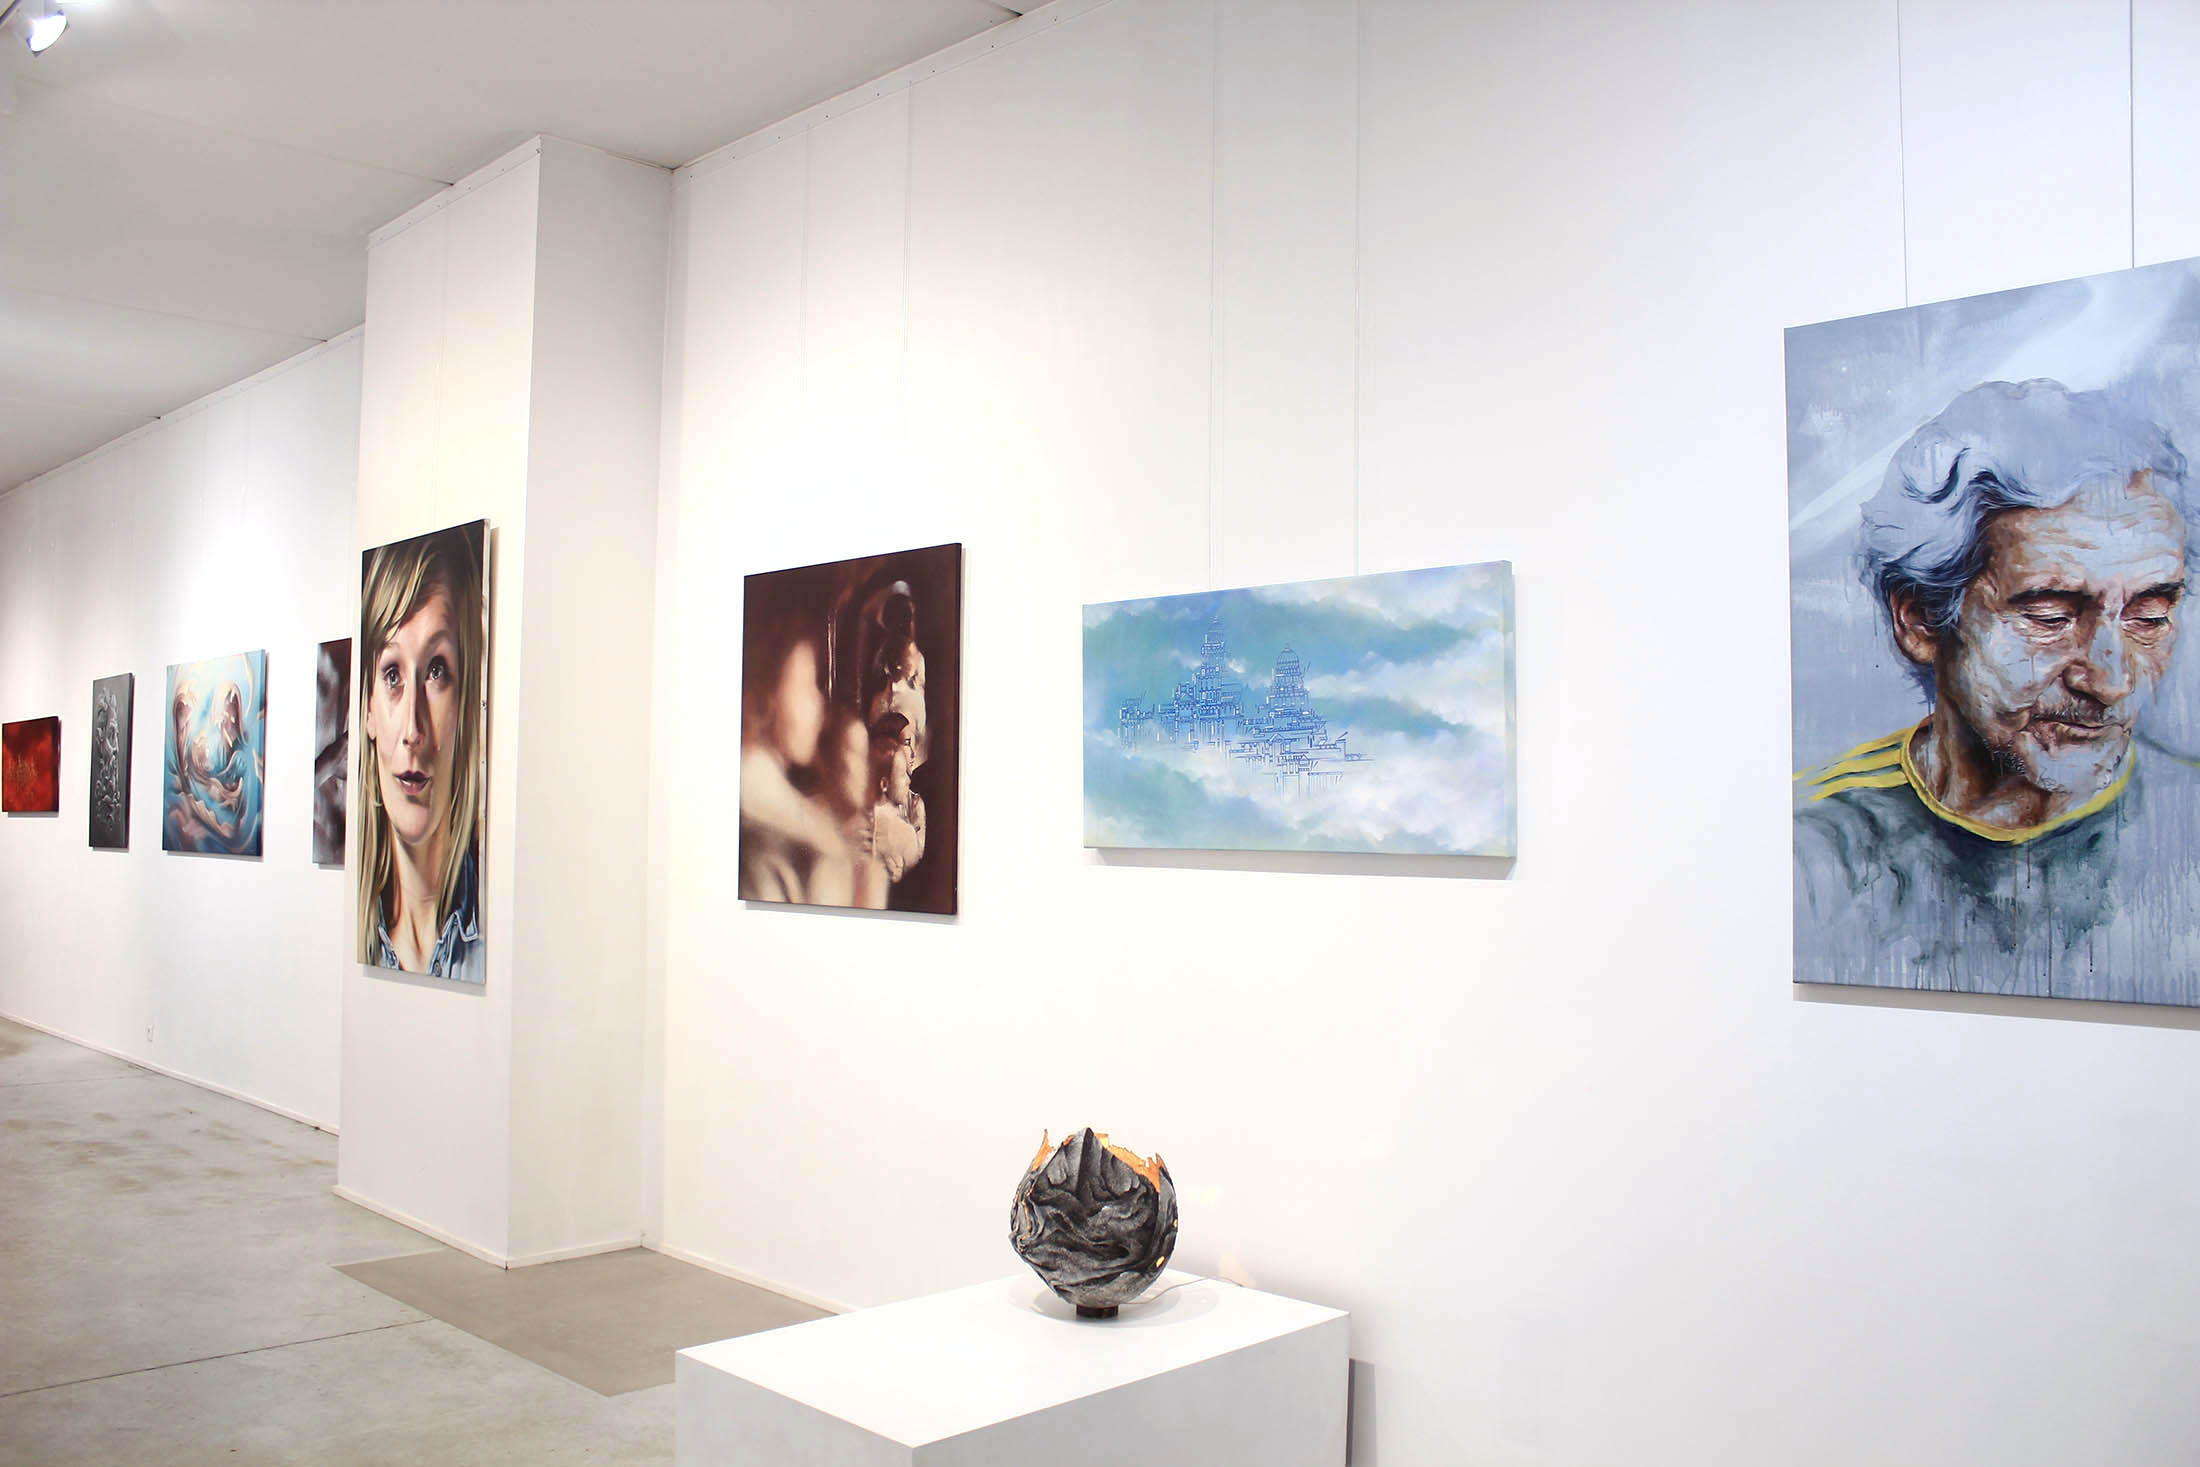 https://www.propaganza.be/wp-content/uploads/2019/04/Propaganza-Knokke-Expo-Ten-Gallery-graffiti-street-art-5.jpg